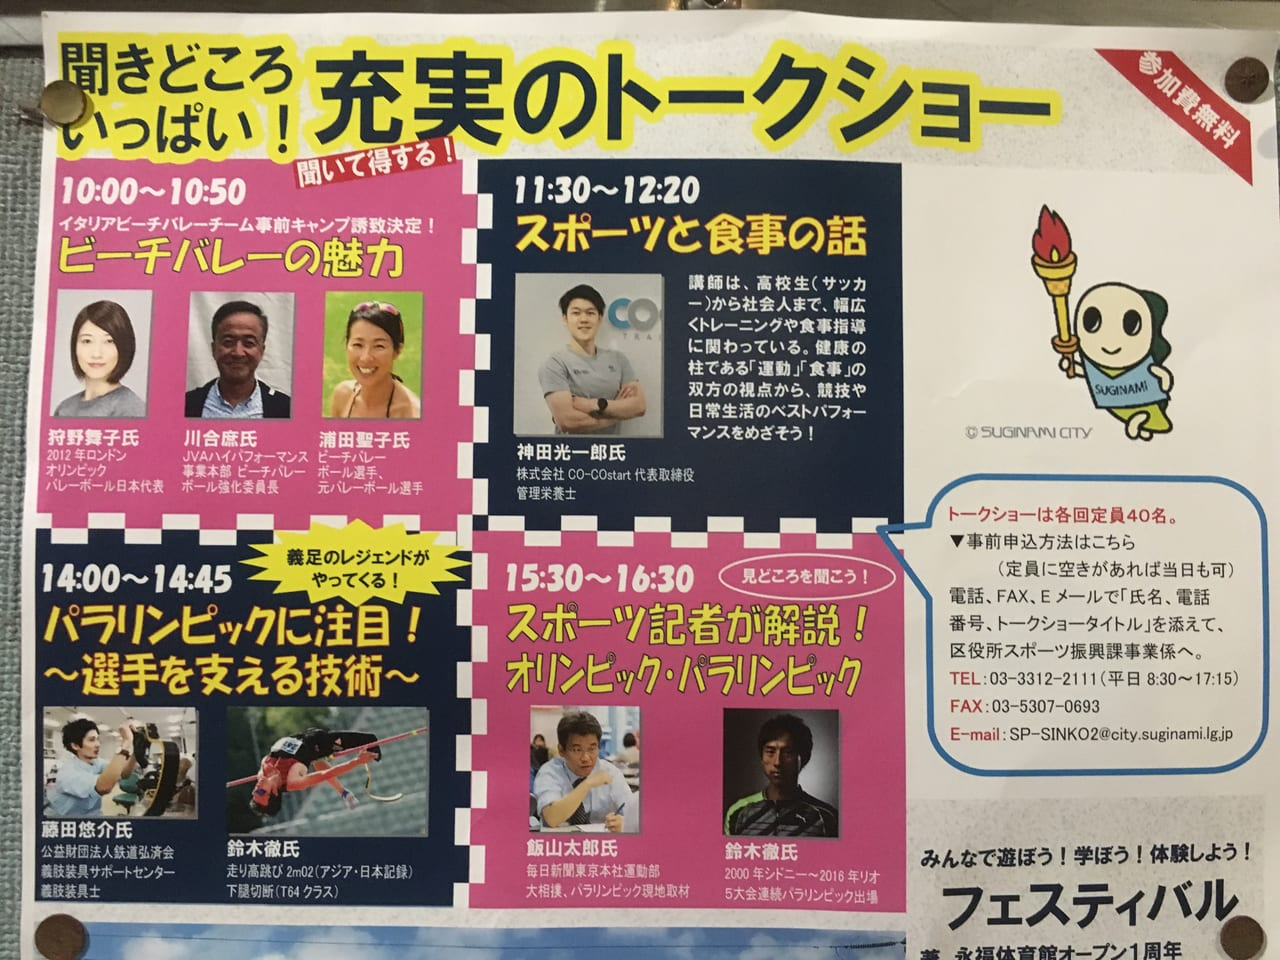 【杉並区】東京オリンピックまであと1年!今週末は永福体育館で開催されるオリパライベントでレッツエンジョイ!ビーチ